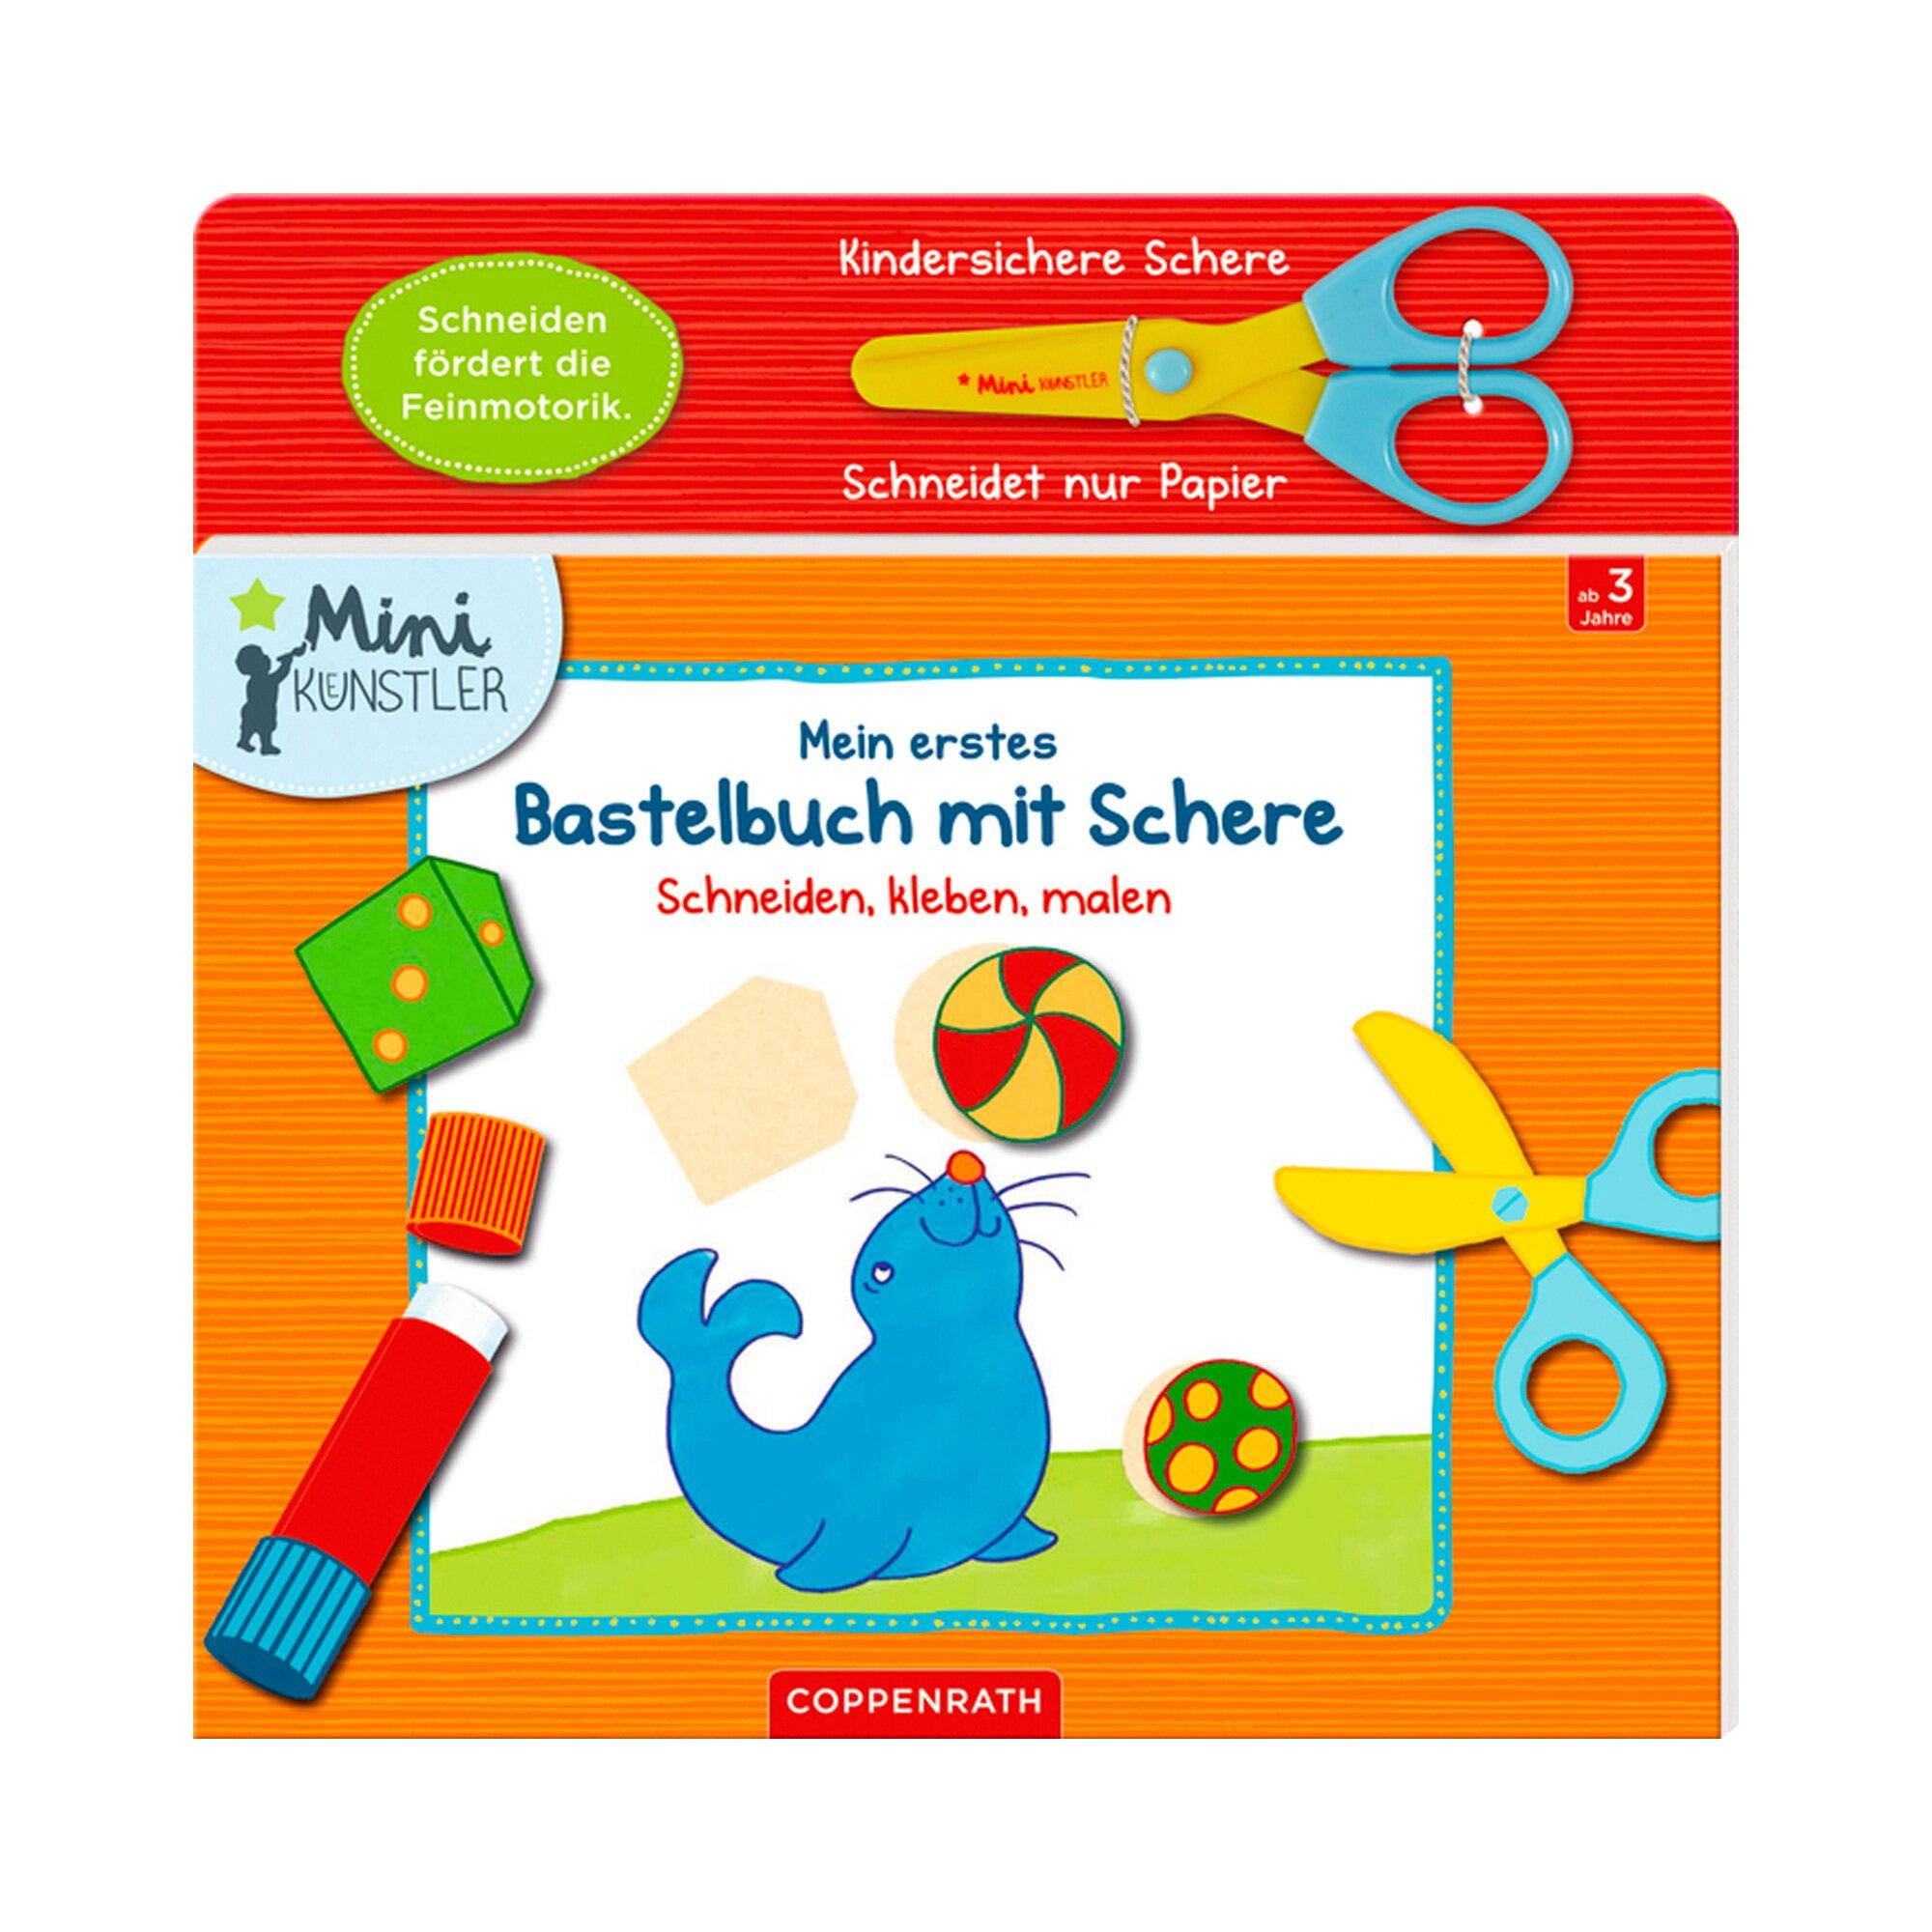 Coppenrath Die Spiegelburg Kreativbuch Mein erstes Bastelbuch mit Schere Schneiden, kleben, malen Mini Künstler